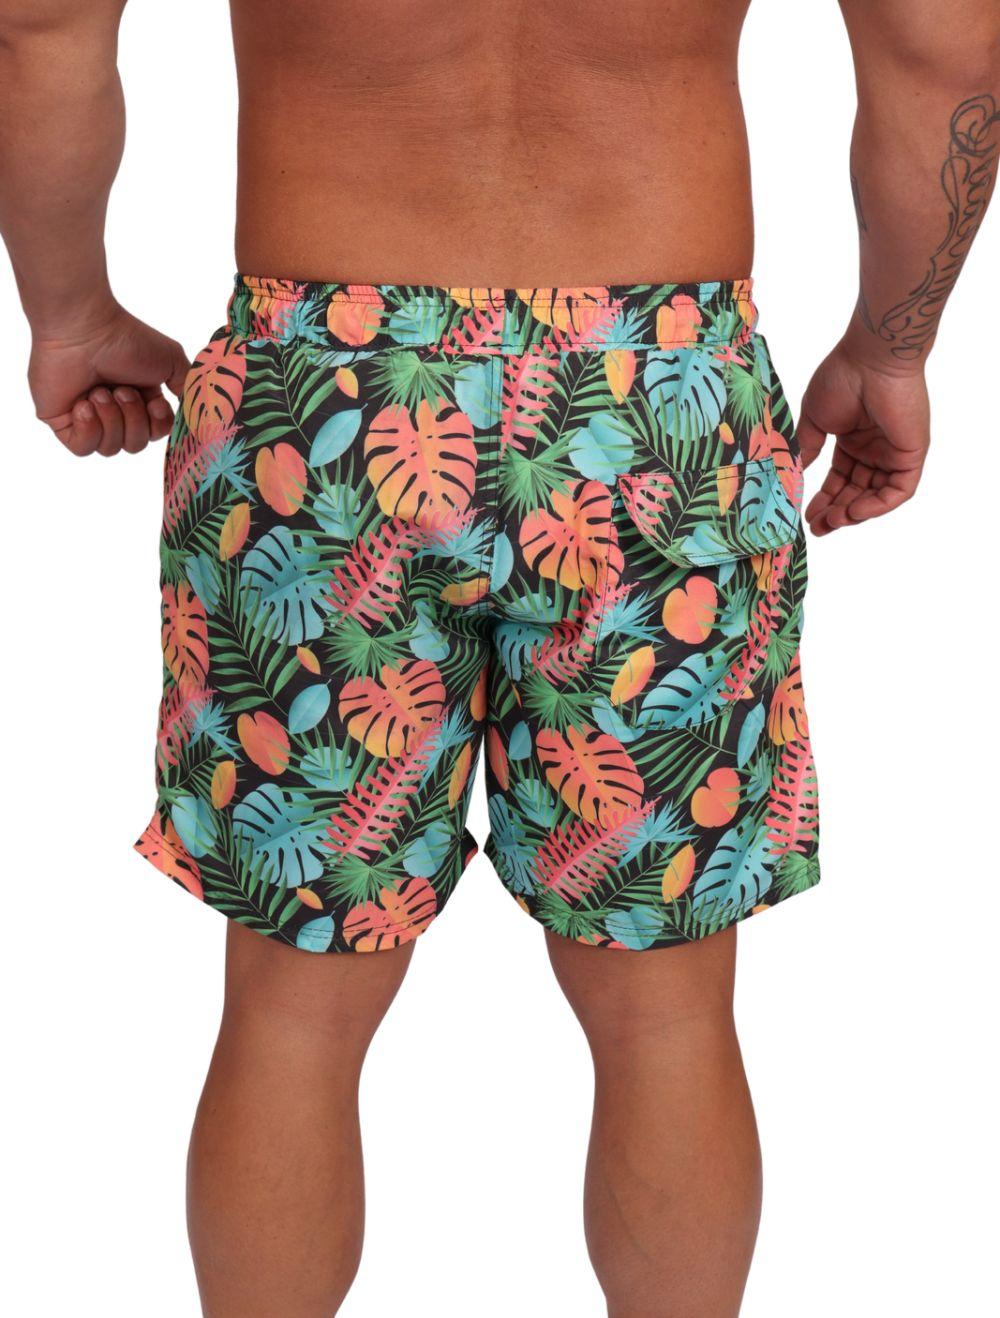 Shorts Praia Masculino Estampado Floral Tropical